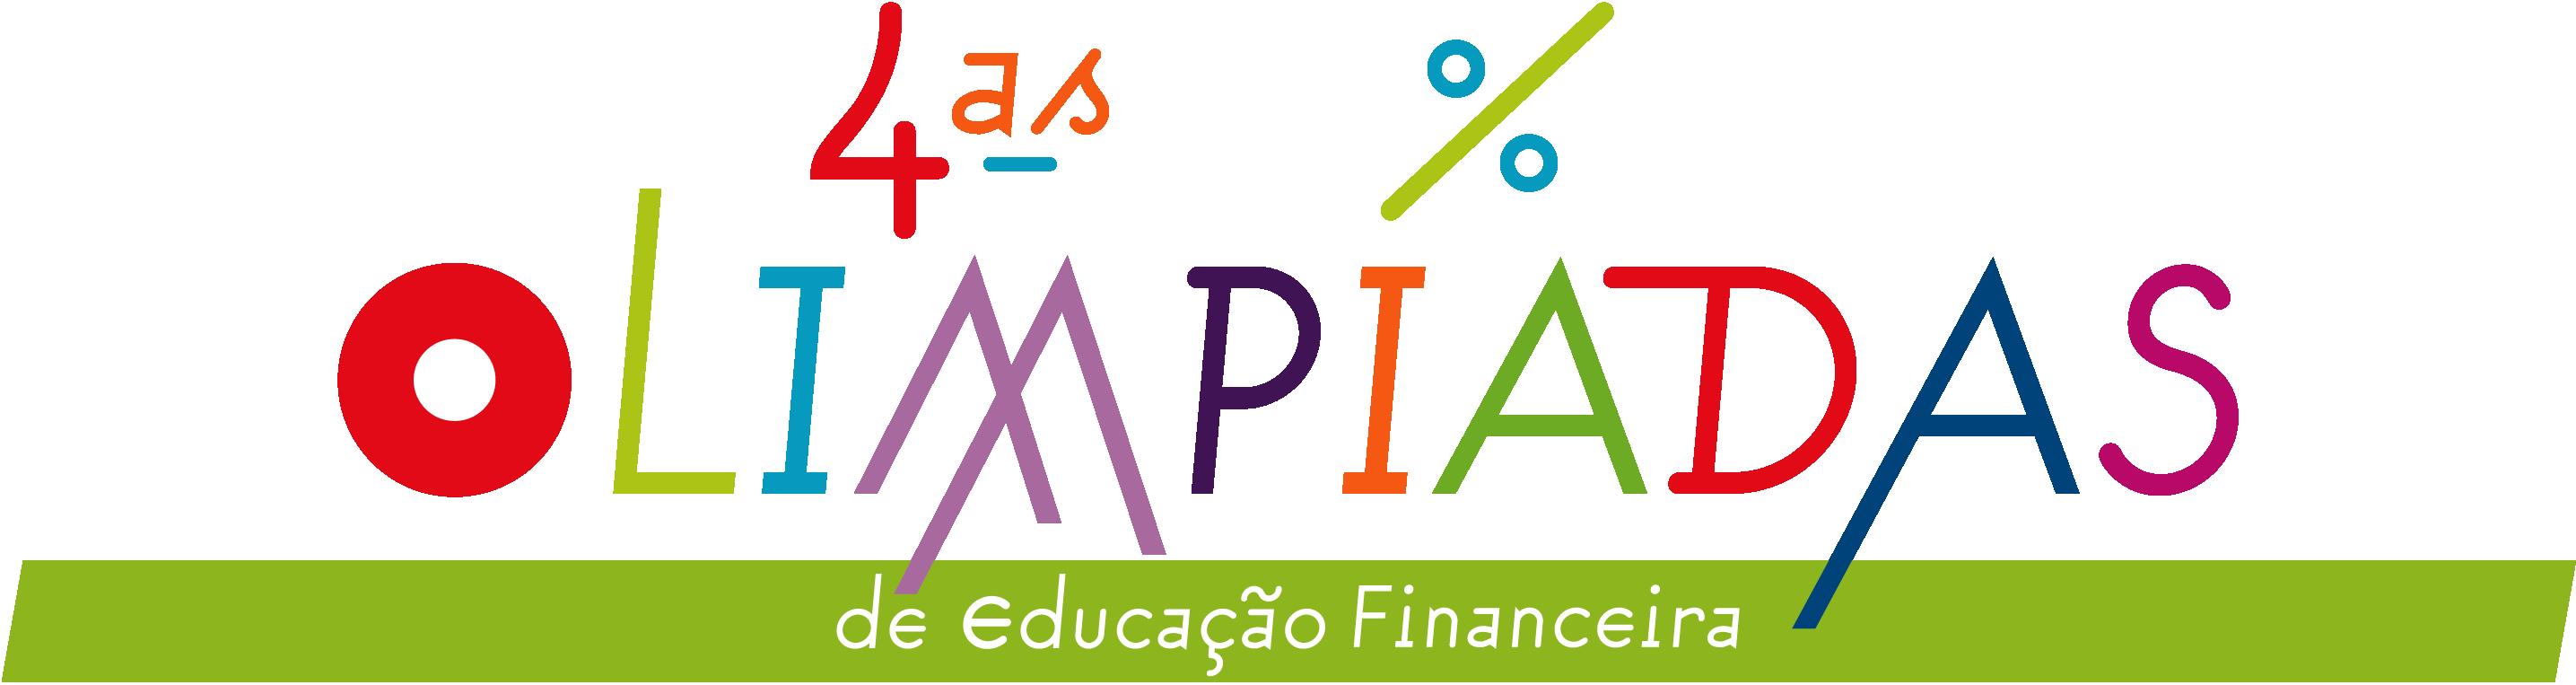 4ª Edição das Olimpíadas de Educação Financeira